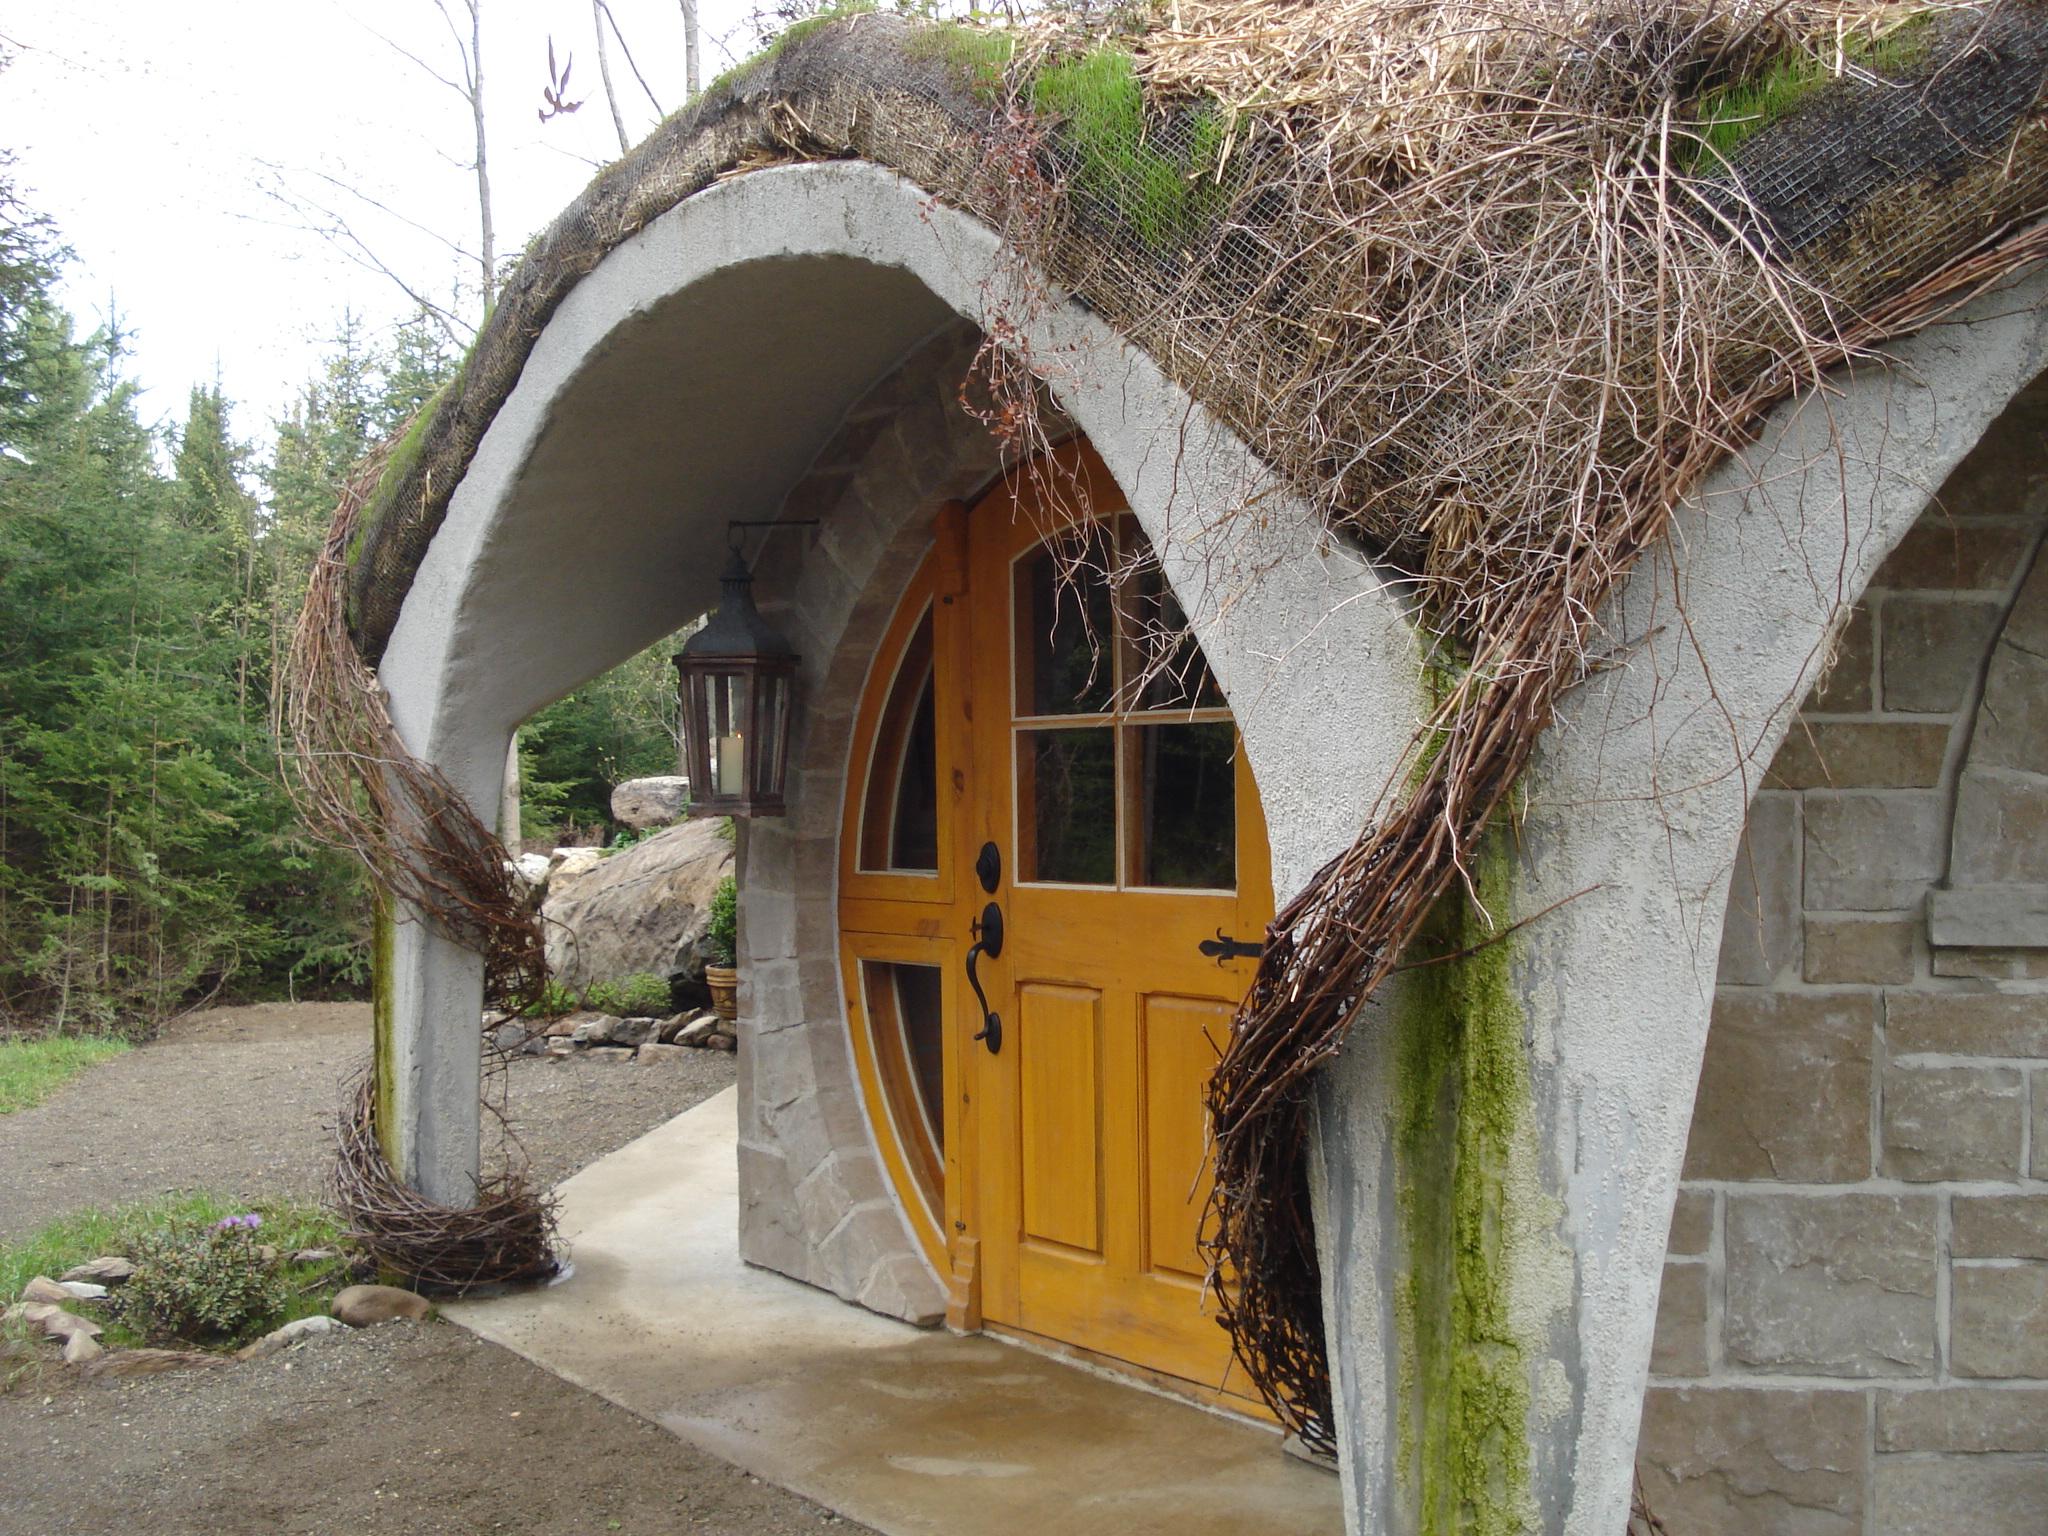 Tourisme cantons de l 39 est tourisme estrie qu bec for Porte hobbit